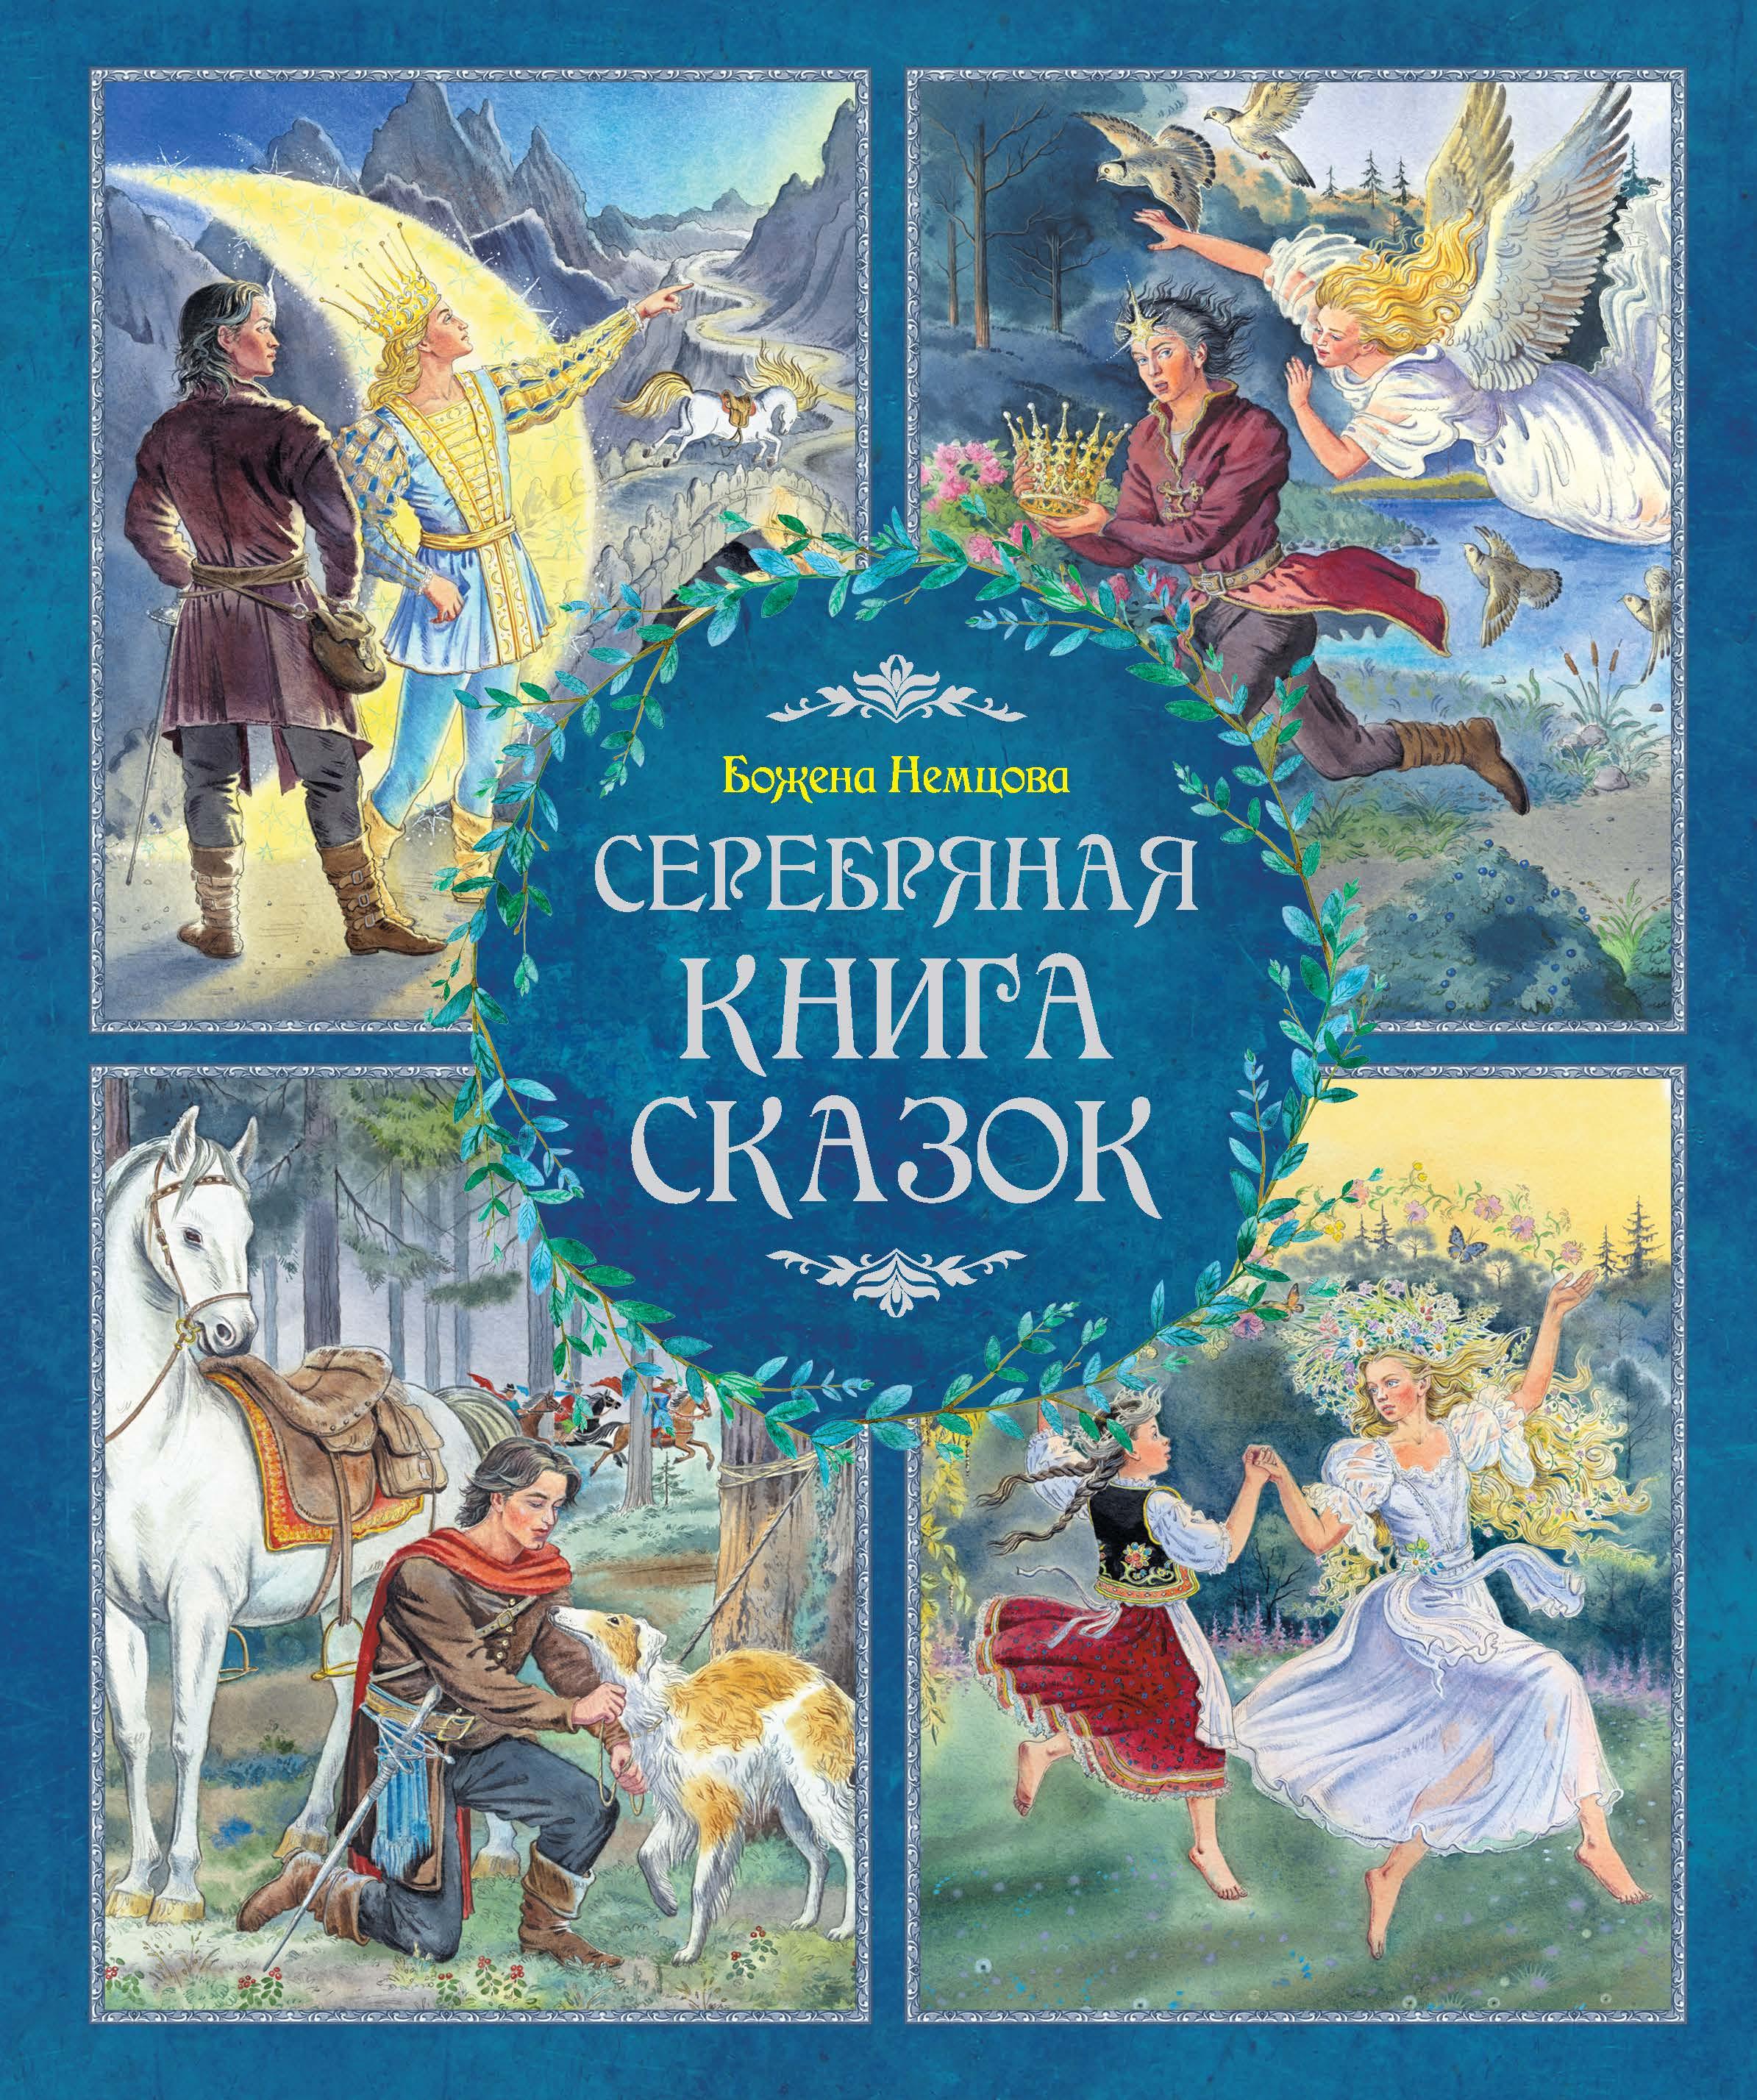 Купить Серебряная книга сказок, Махаон, Детская художественная литература